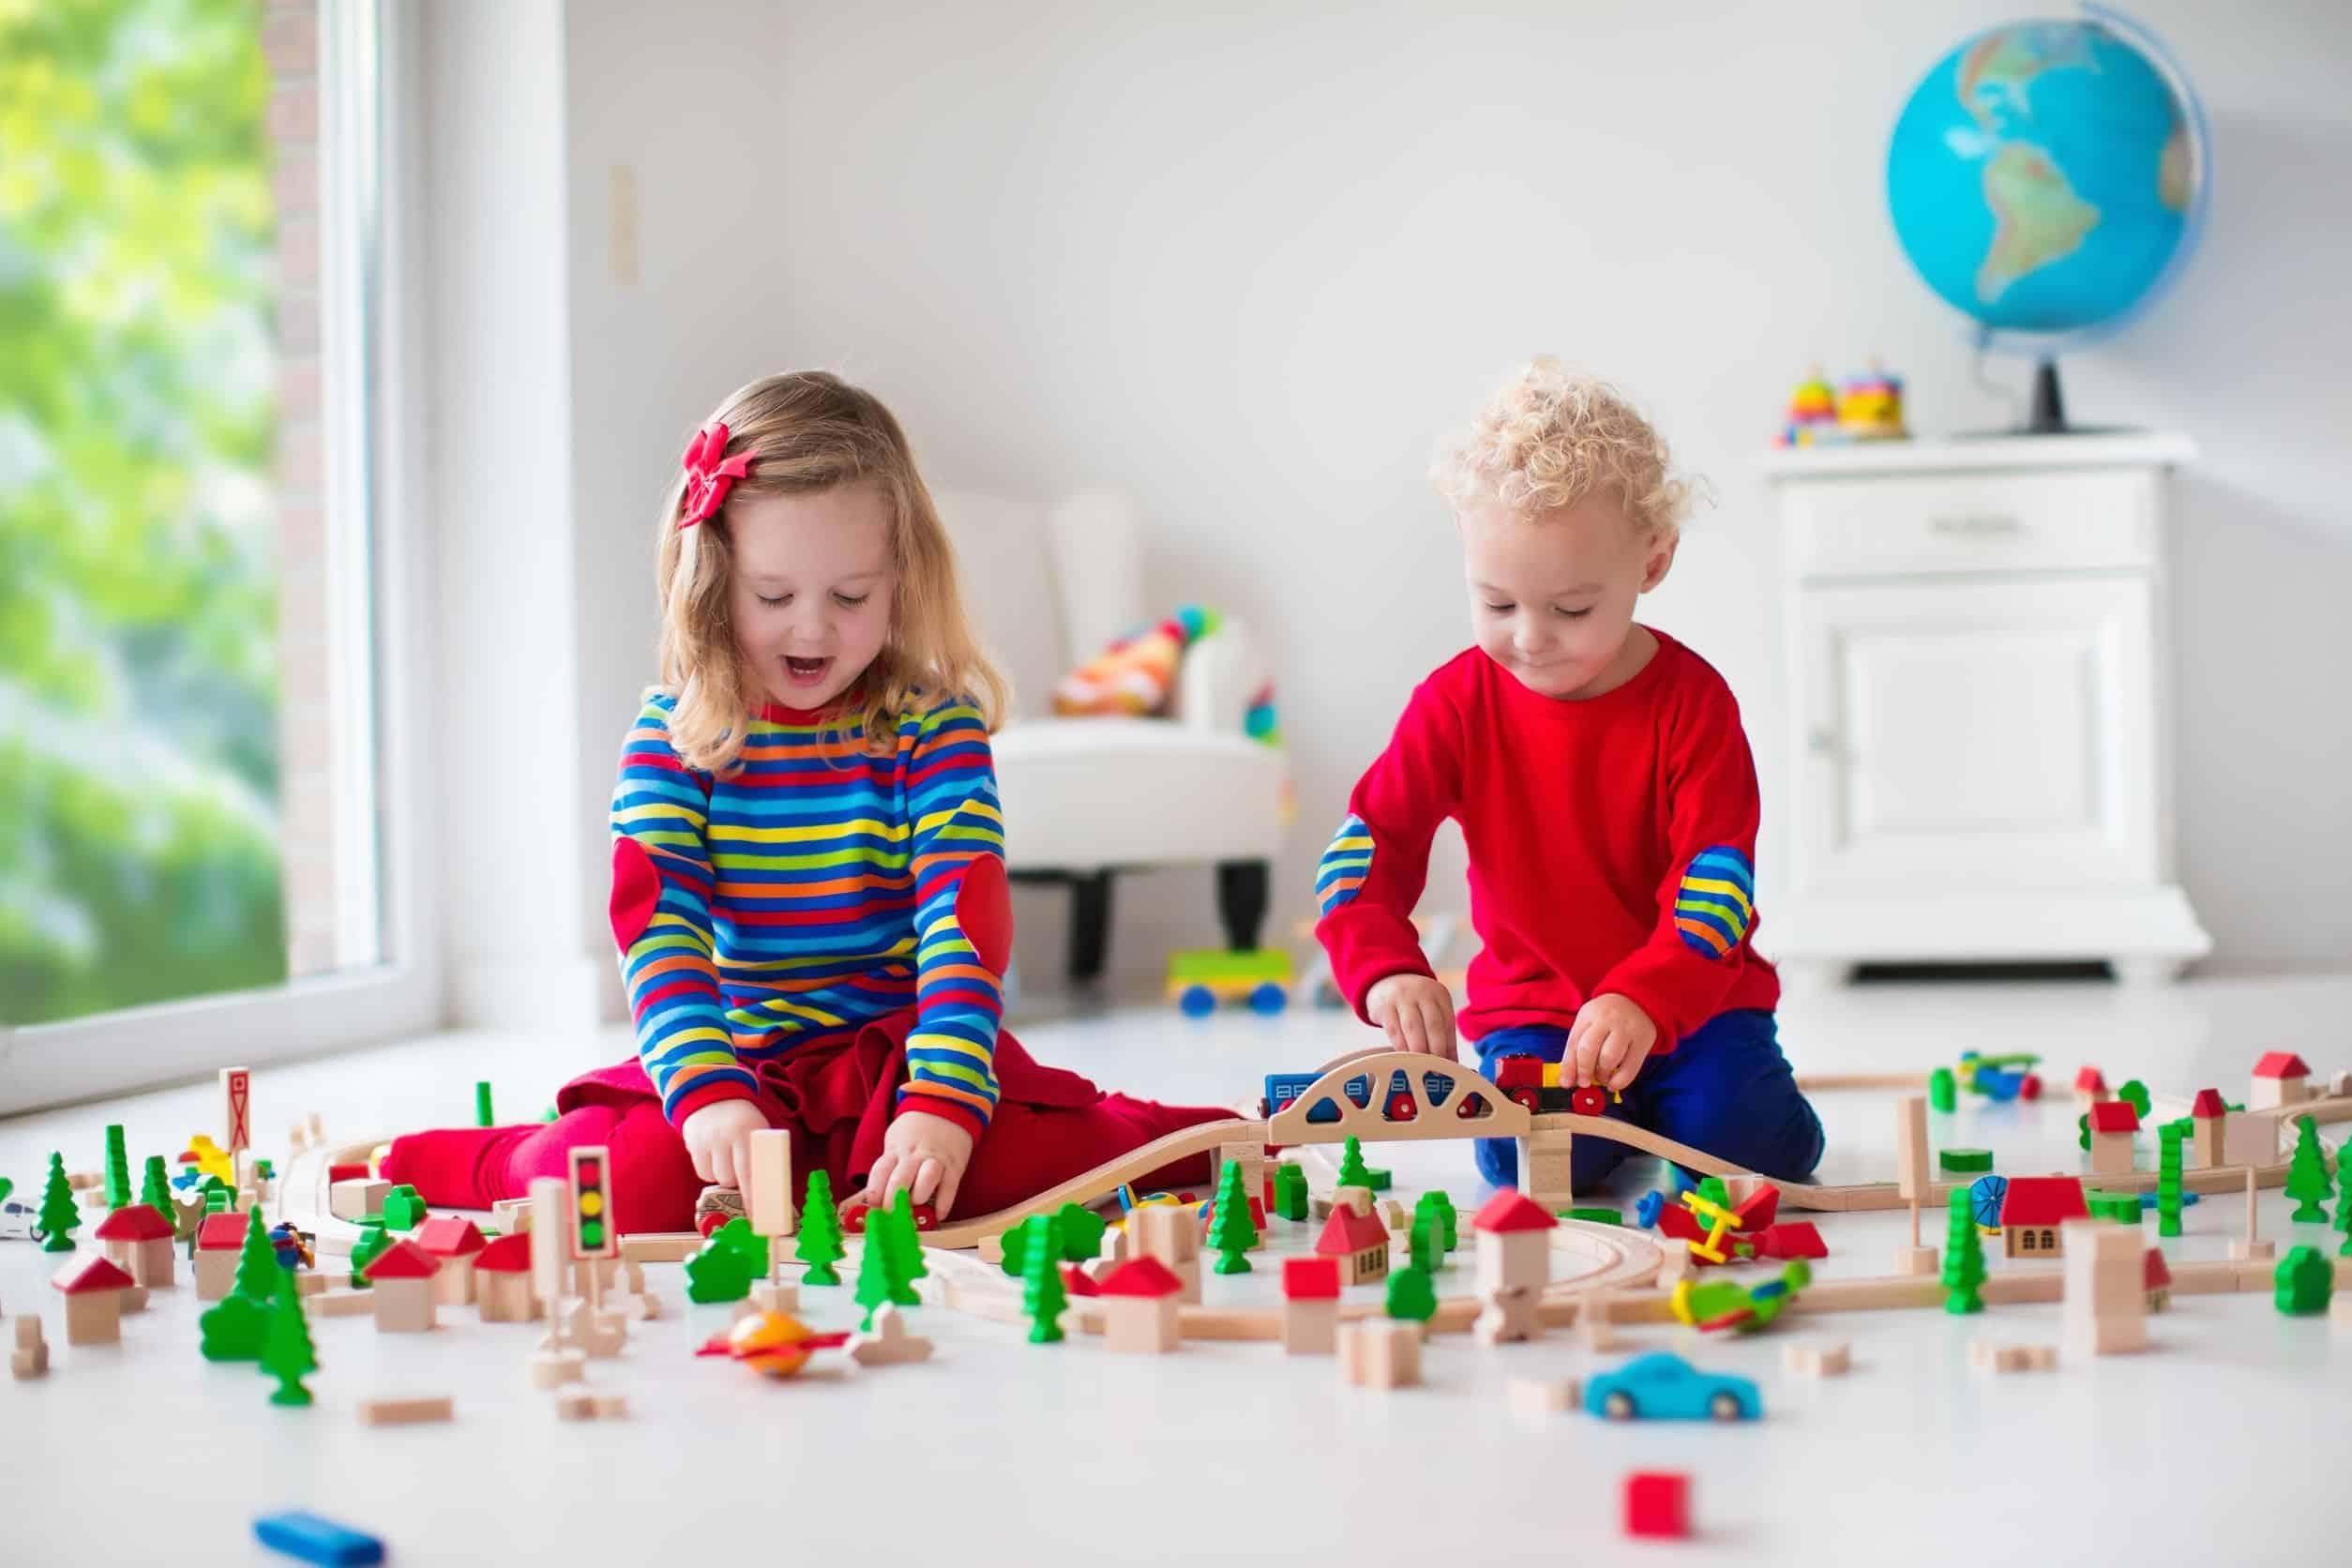 Juguetes para niños de dos años: ¿Cuál es el mejor del 2020?